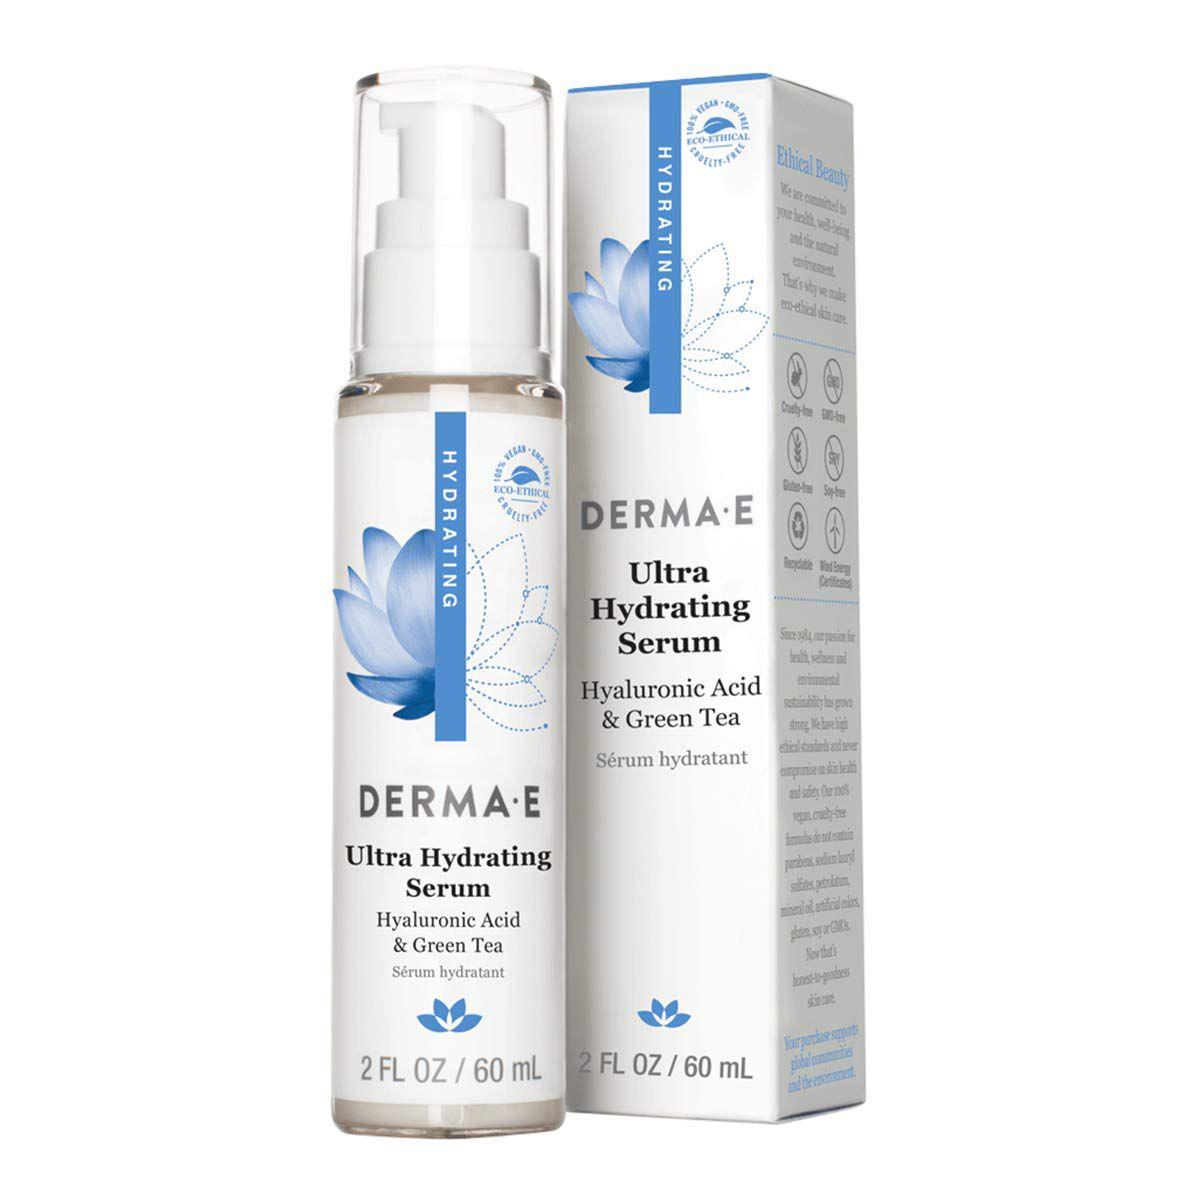 Derma E Ultra Hydrating Serum